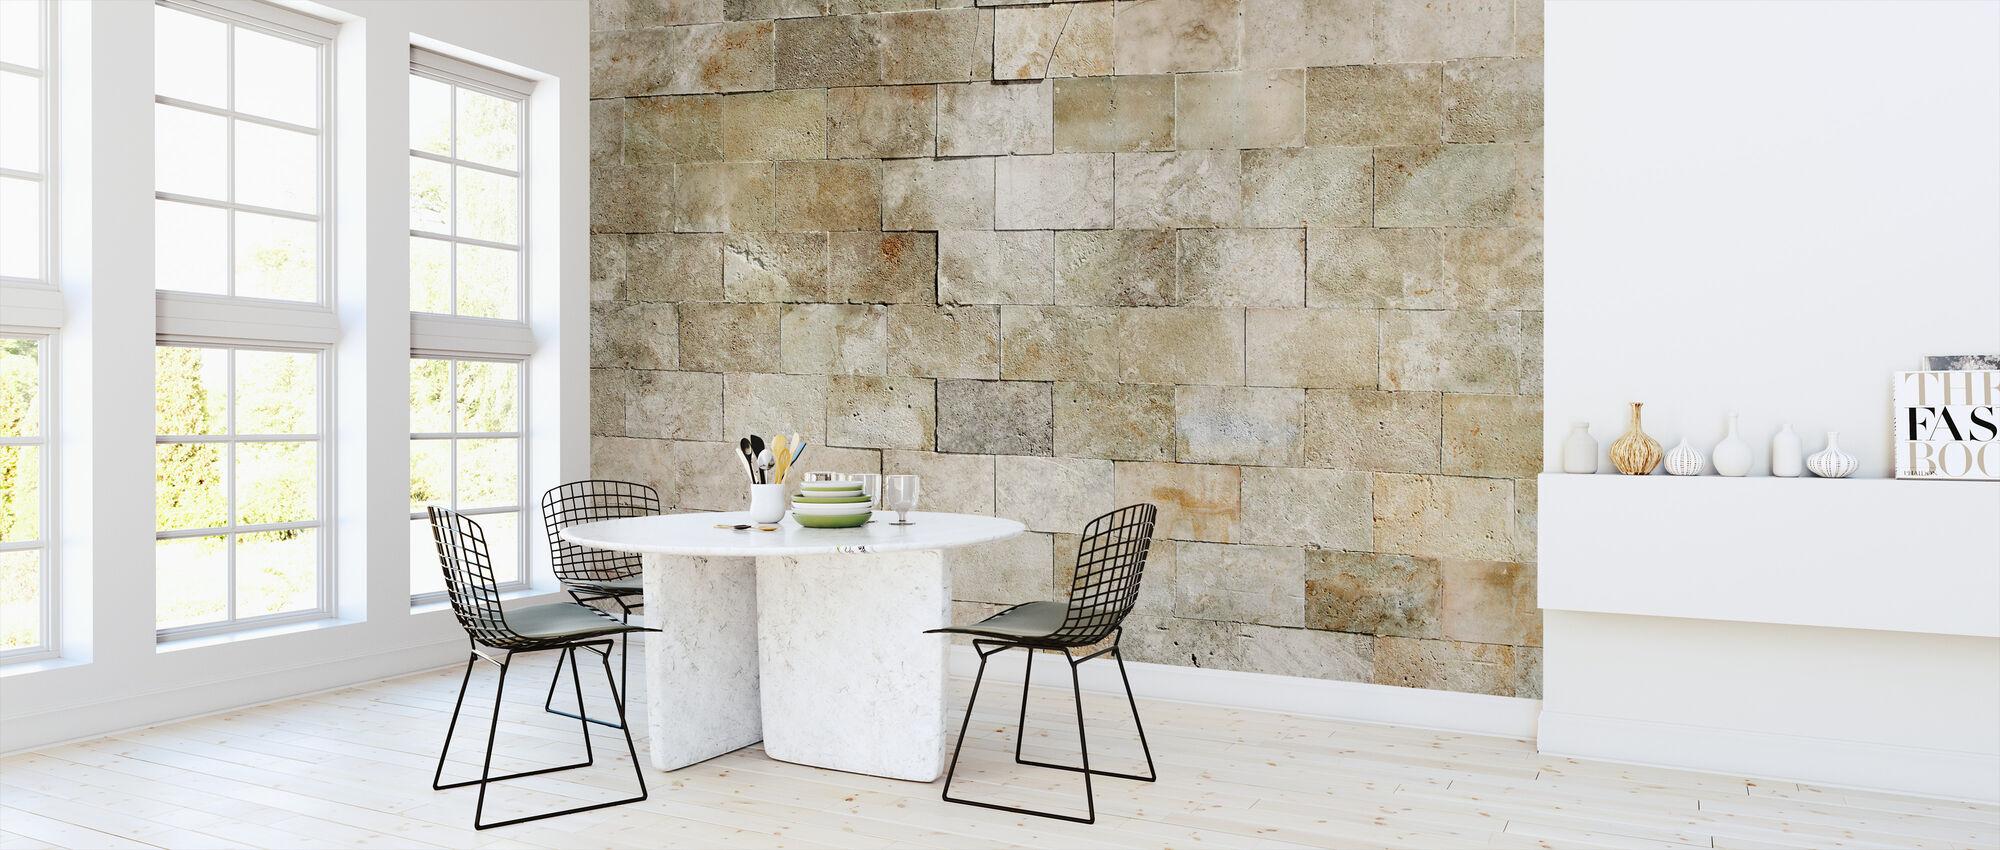 Kaklat sten mur - Tapet - Kök